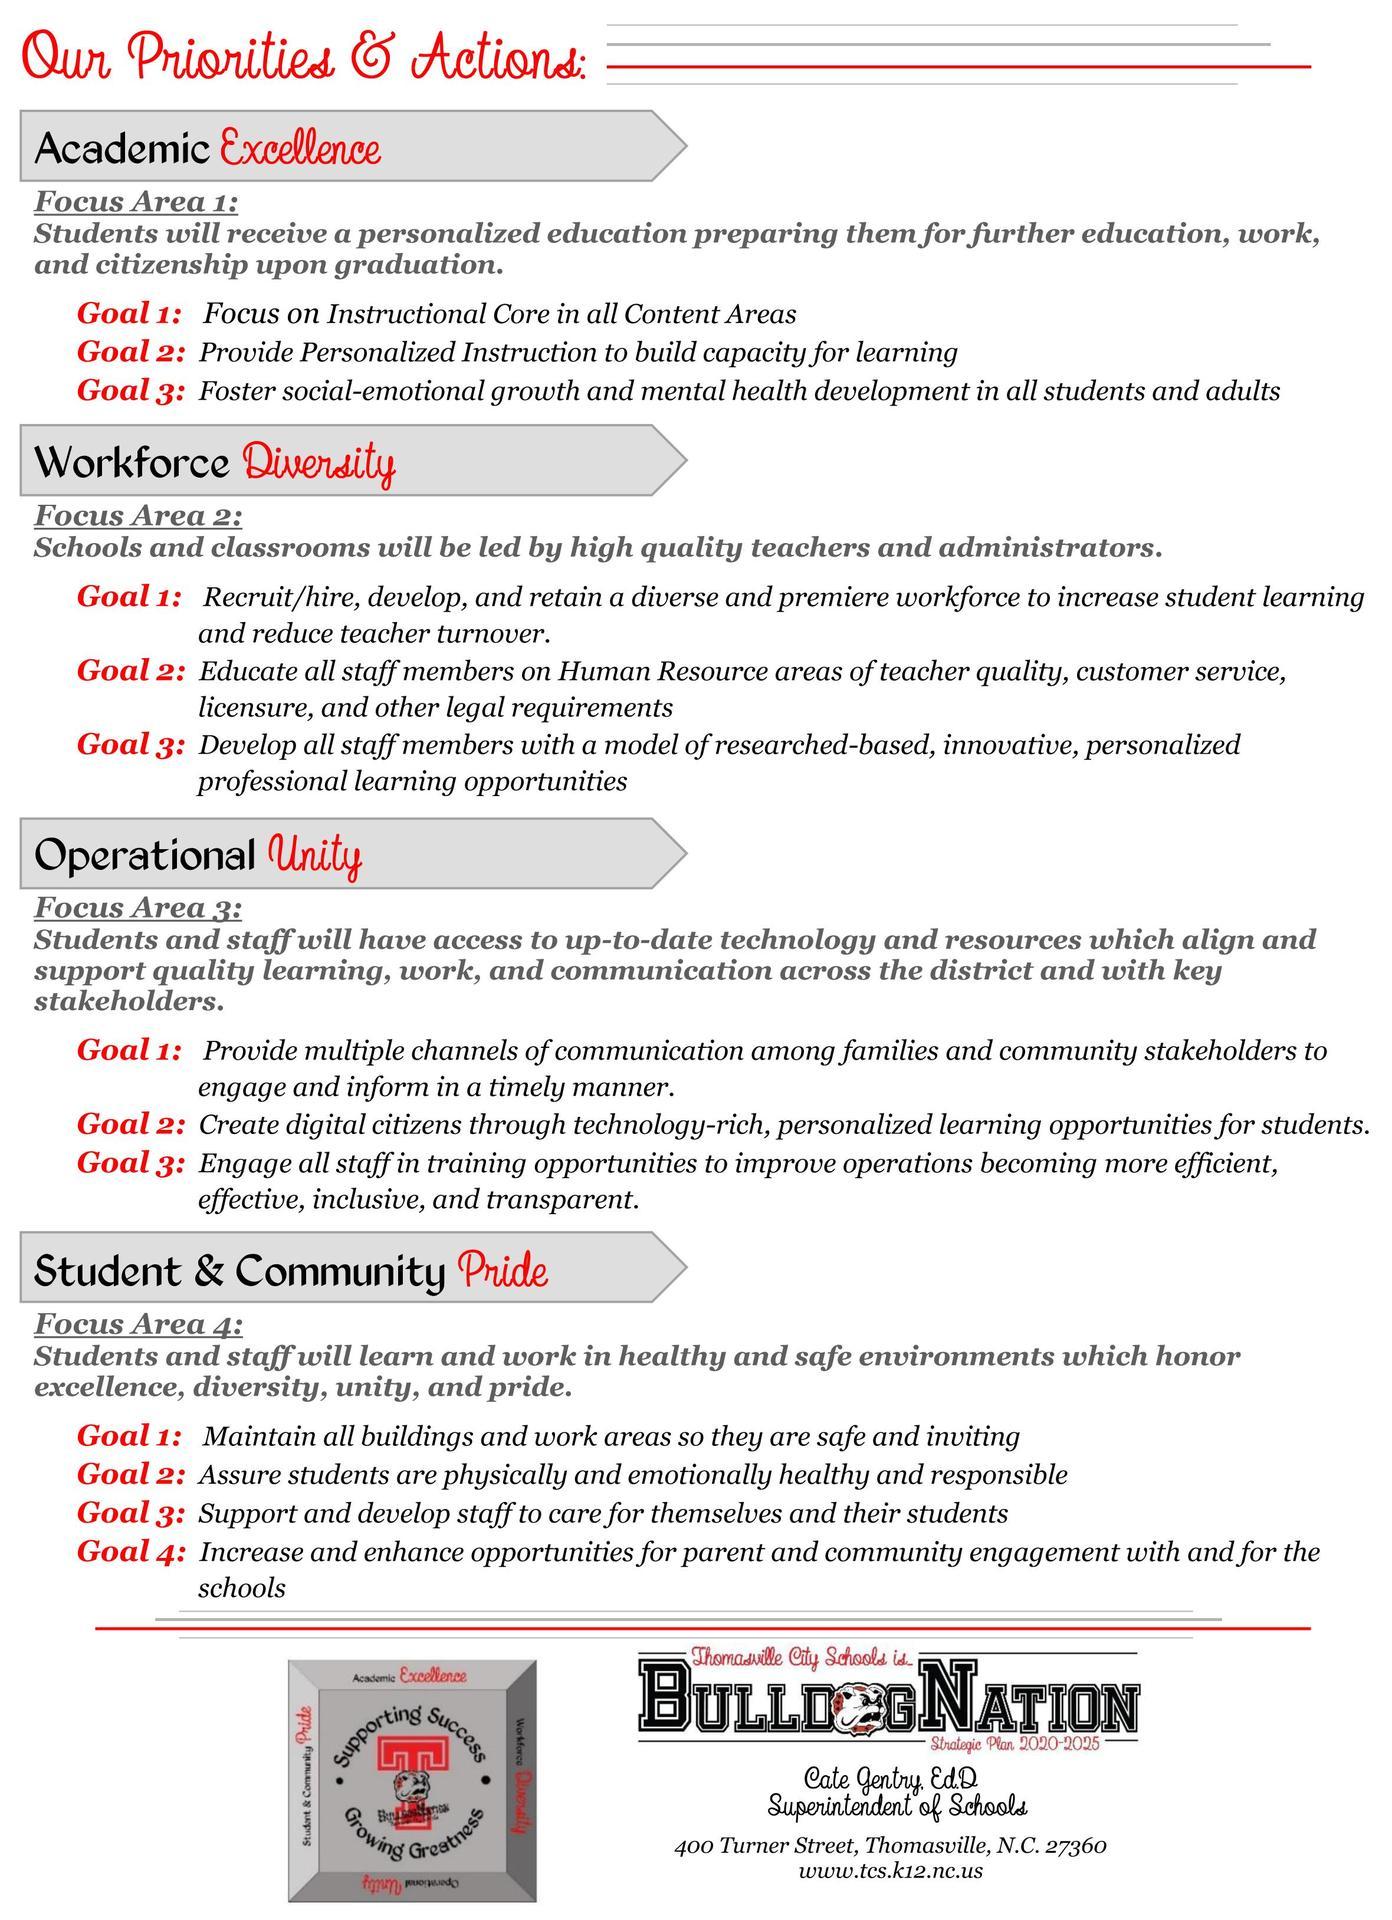 2020-+2025 District Strategic Plan Page 2